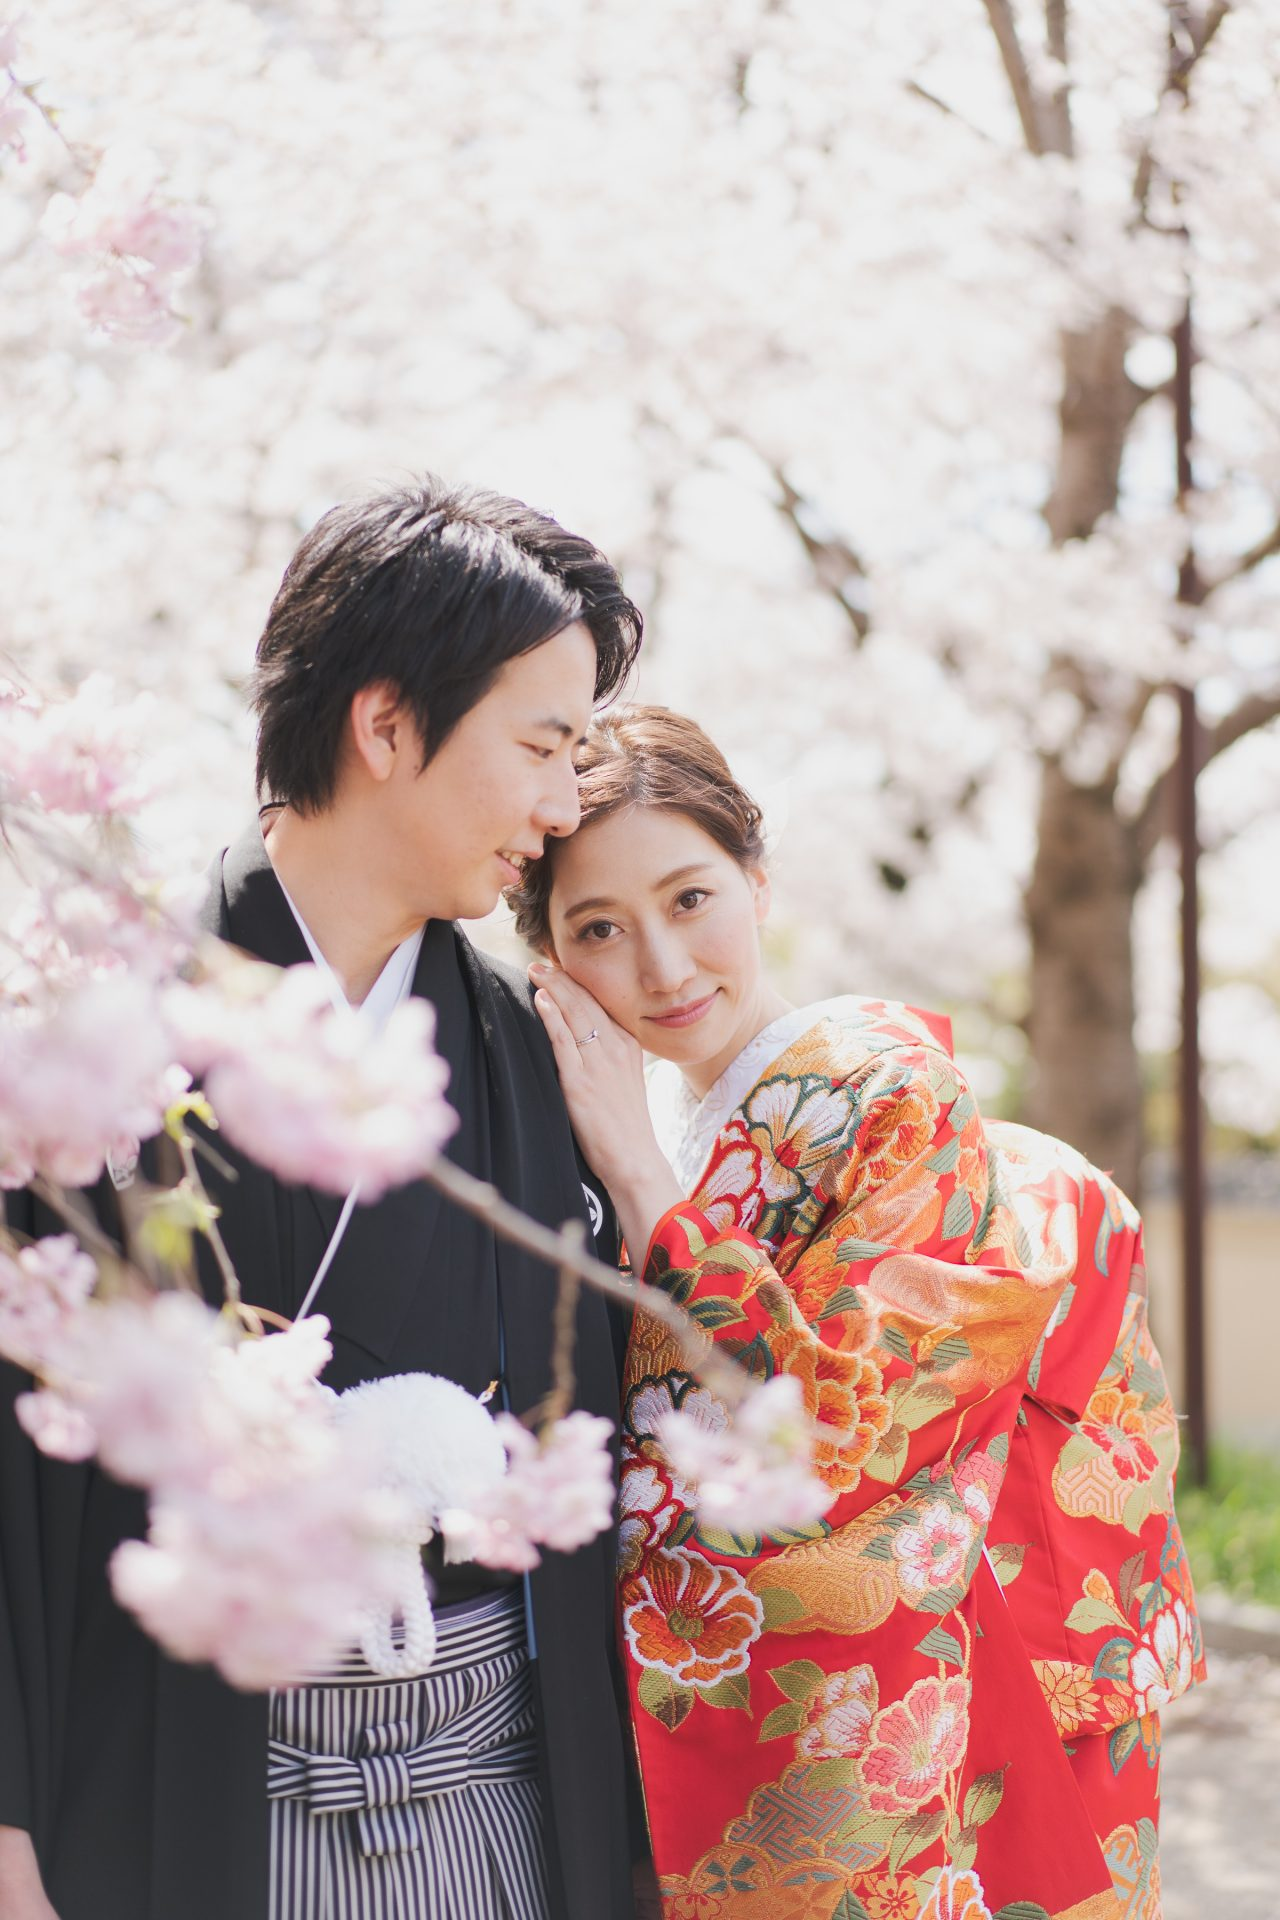 京都での和装前撮りにおすすめのザトリートドレッシング京都店の赤地とお花の柄行の色打掛